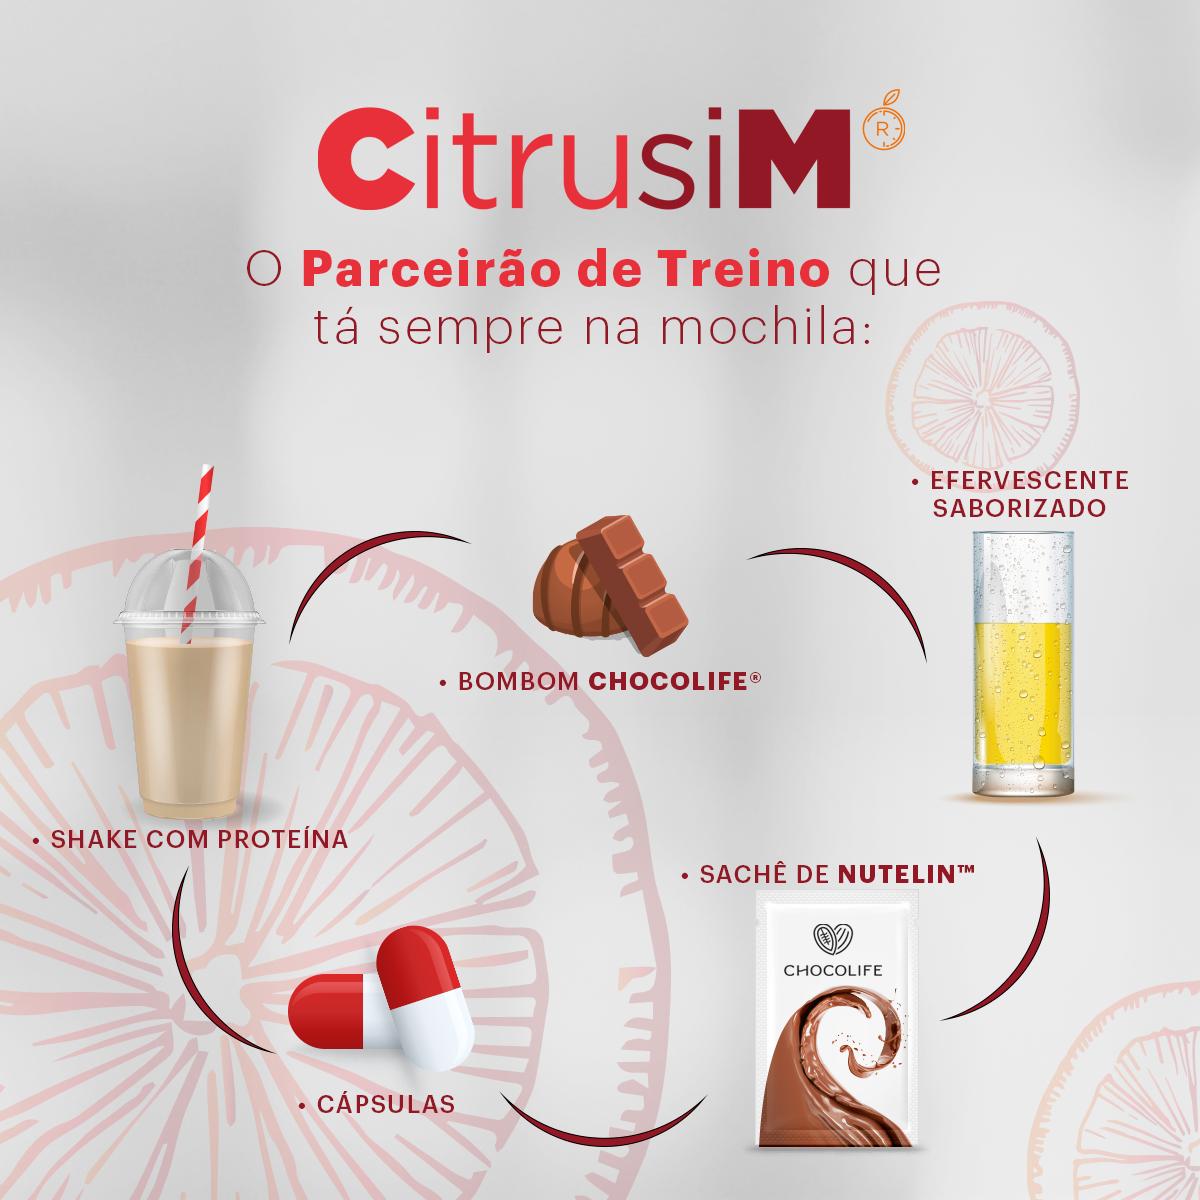 CitrusiM é o parceirão de treino que ta sempre na mochila